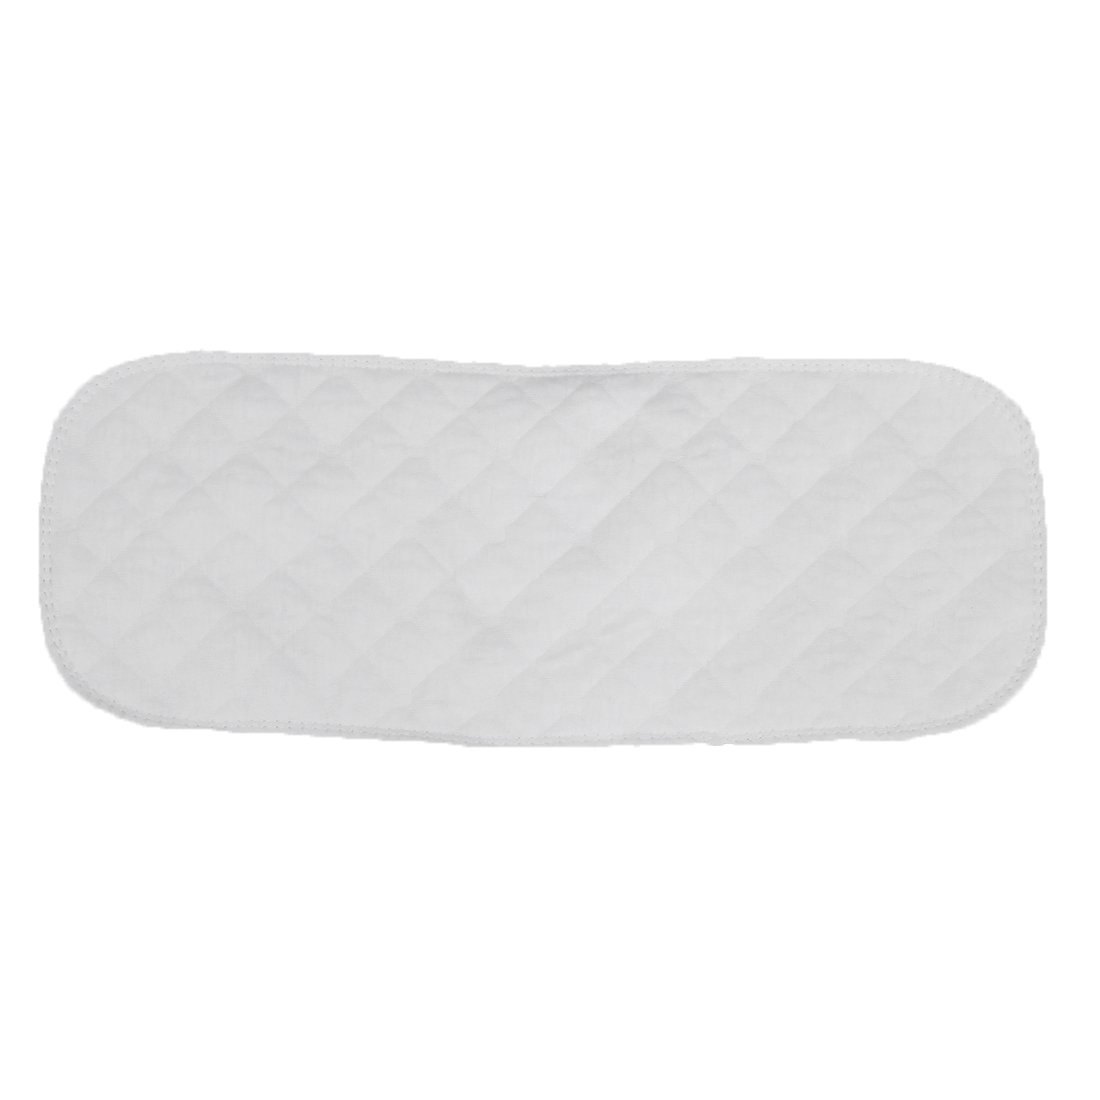 SODIAL(R) 15 pieces x couche/serviette de bebe en fibre de bambou reutilisable